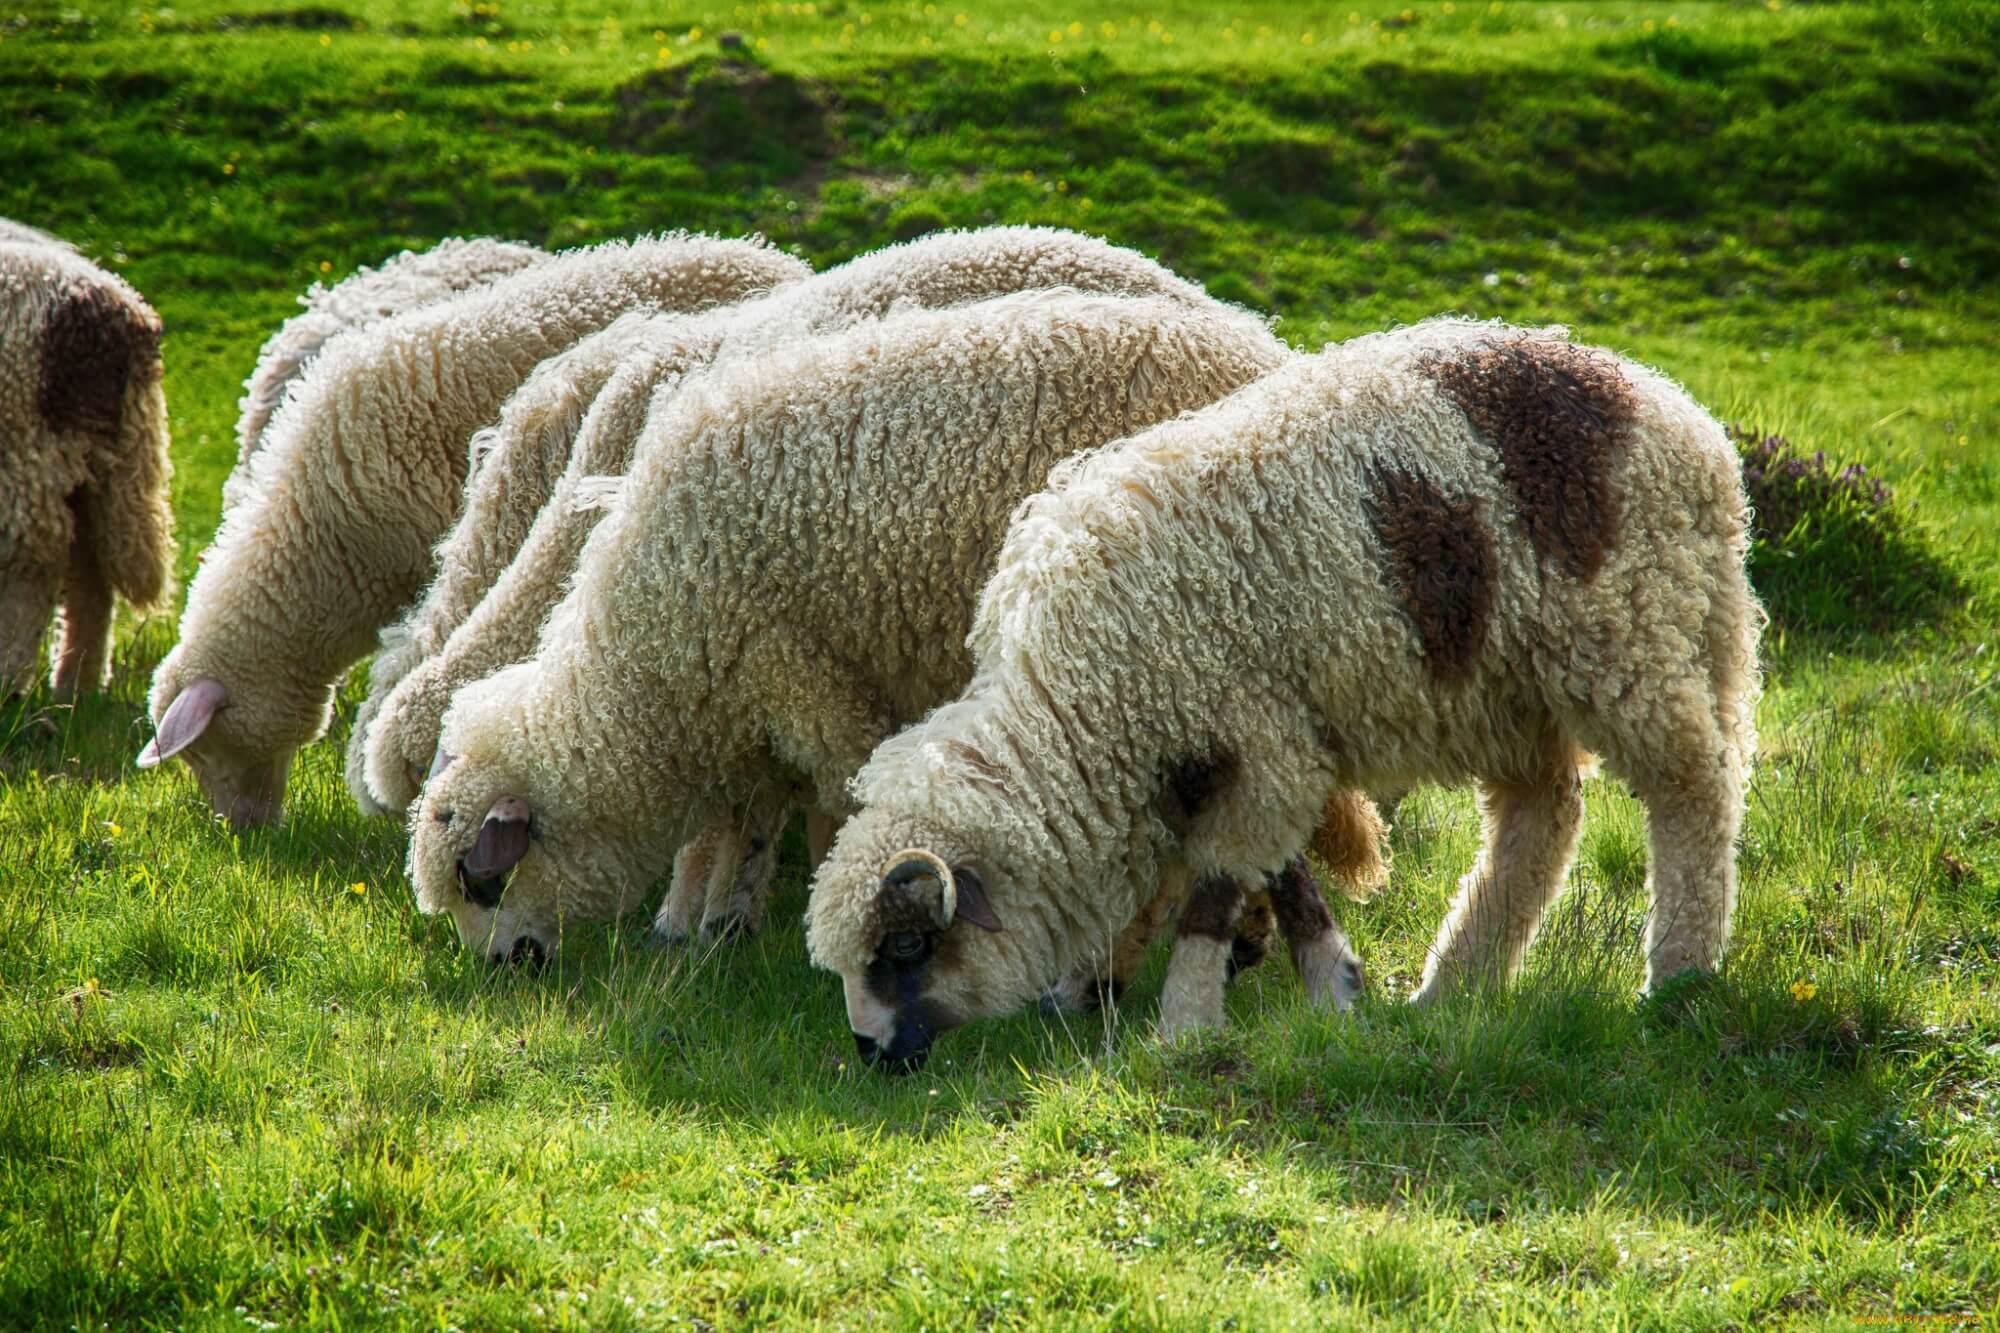 фото барана и овцы жуткие личности